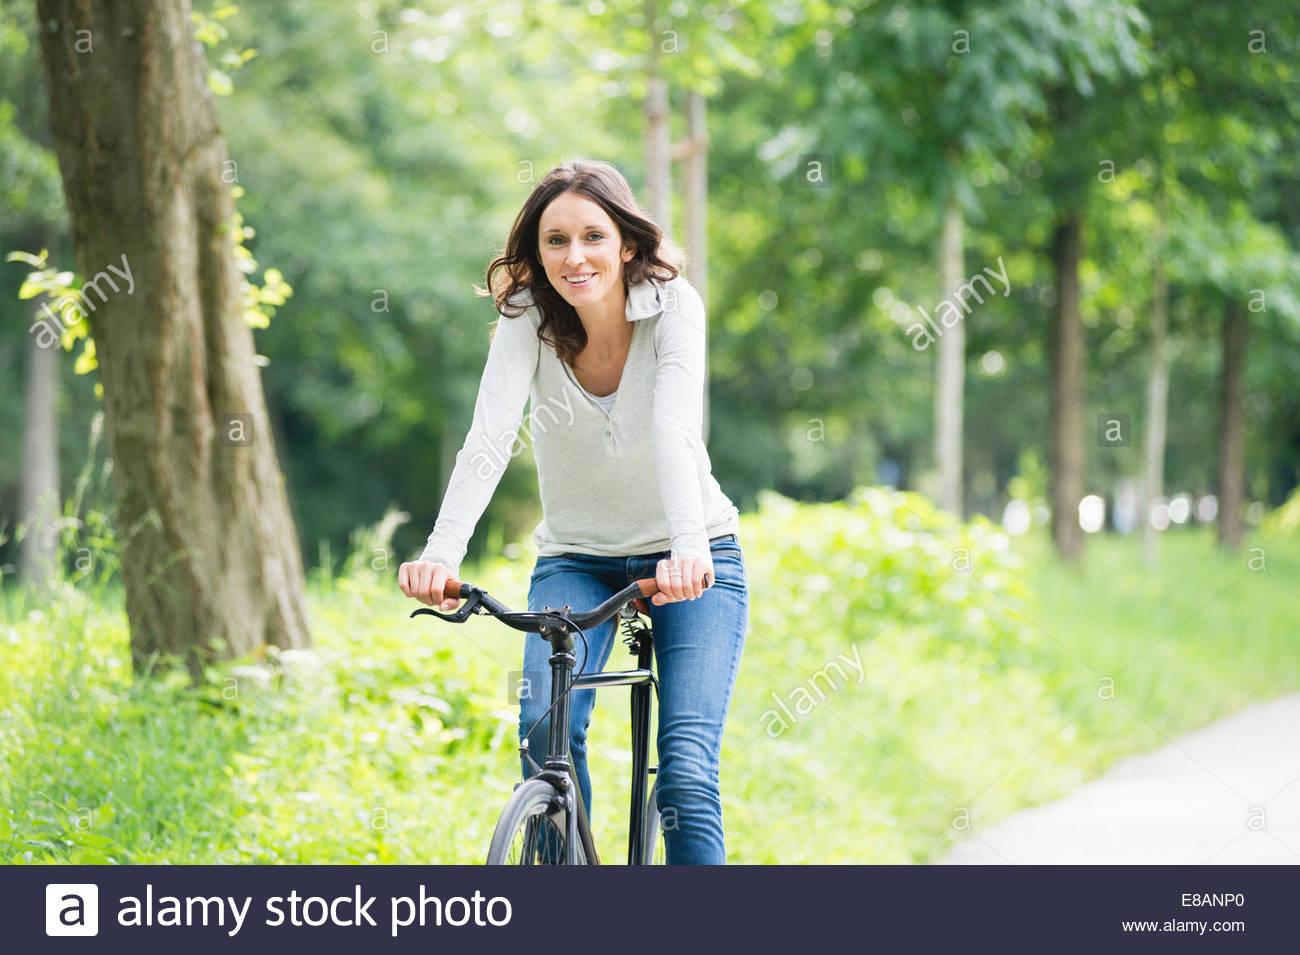 Ritratto di metà donna adulta in bicicletta nel parco Immagini Stock